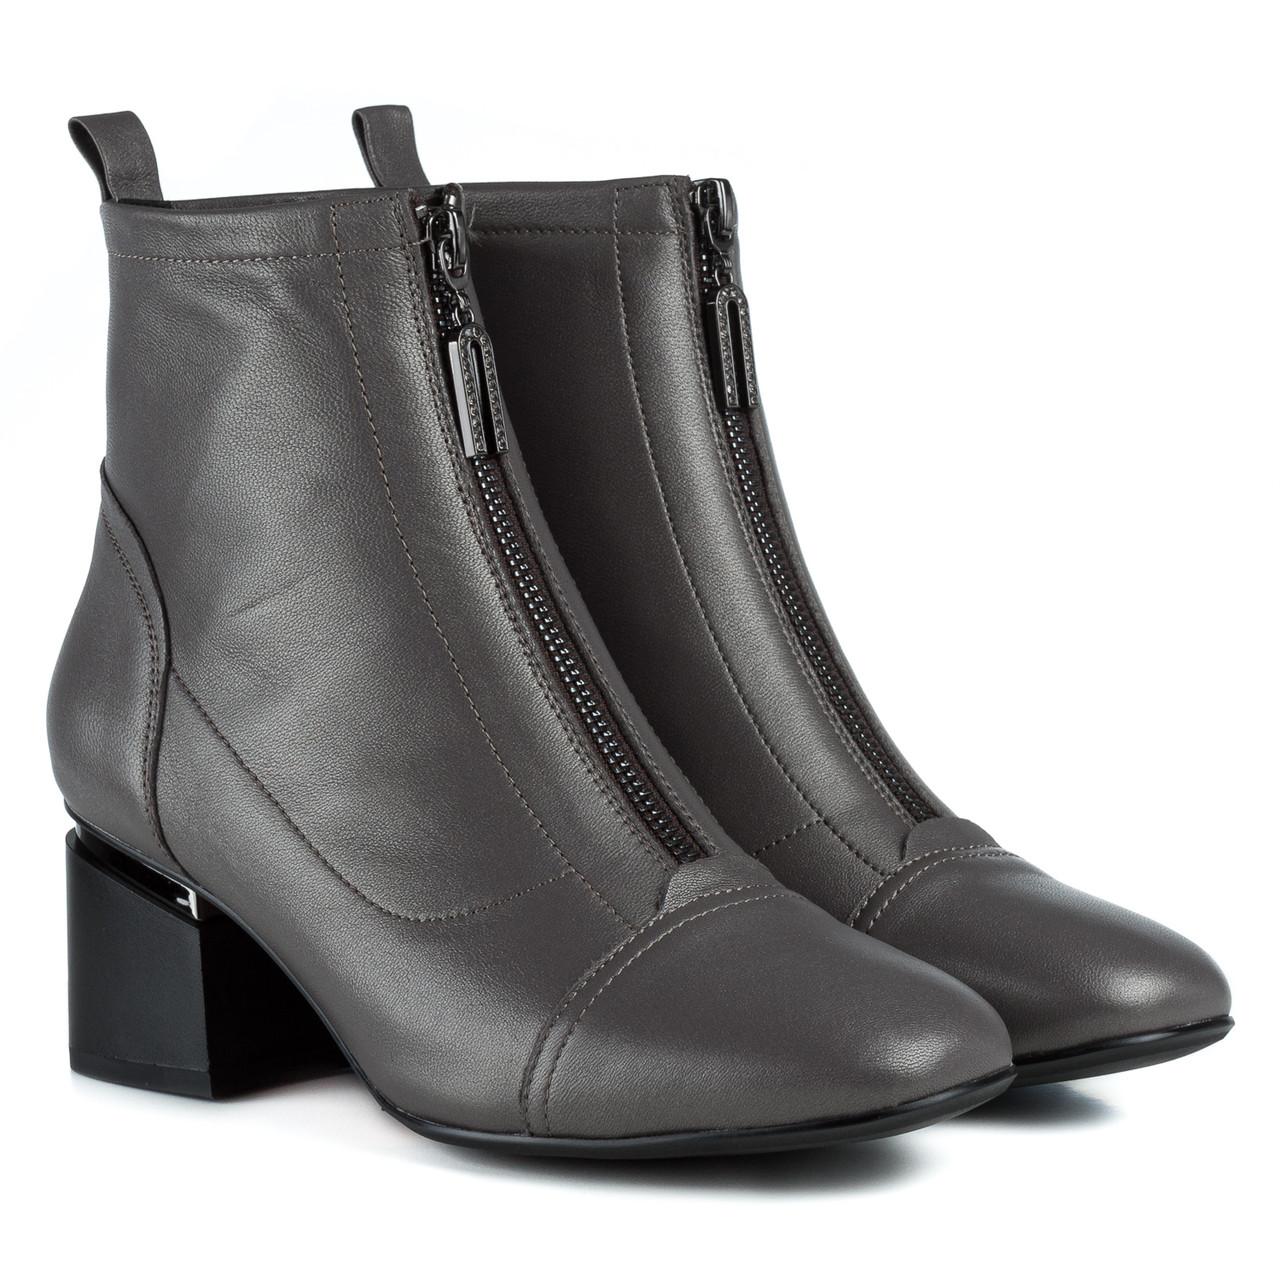 Ботильоны женские BERKONTY (серого цвета, стильные, на удобном каблуке)